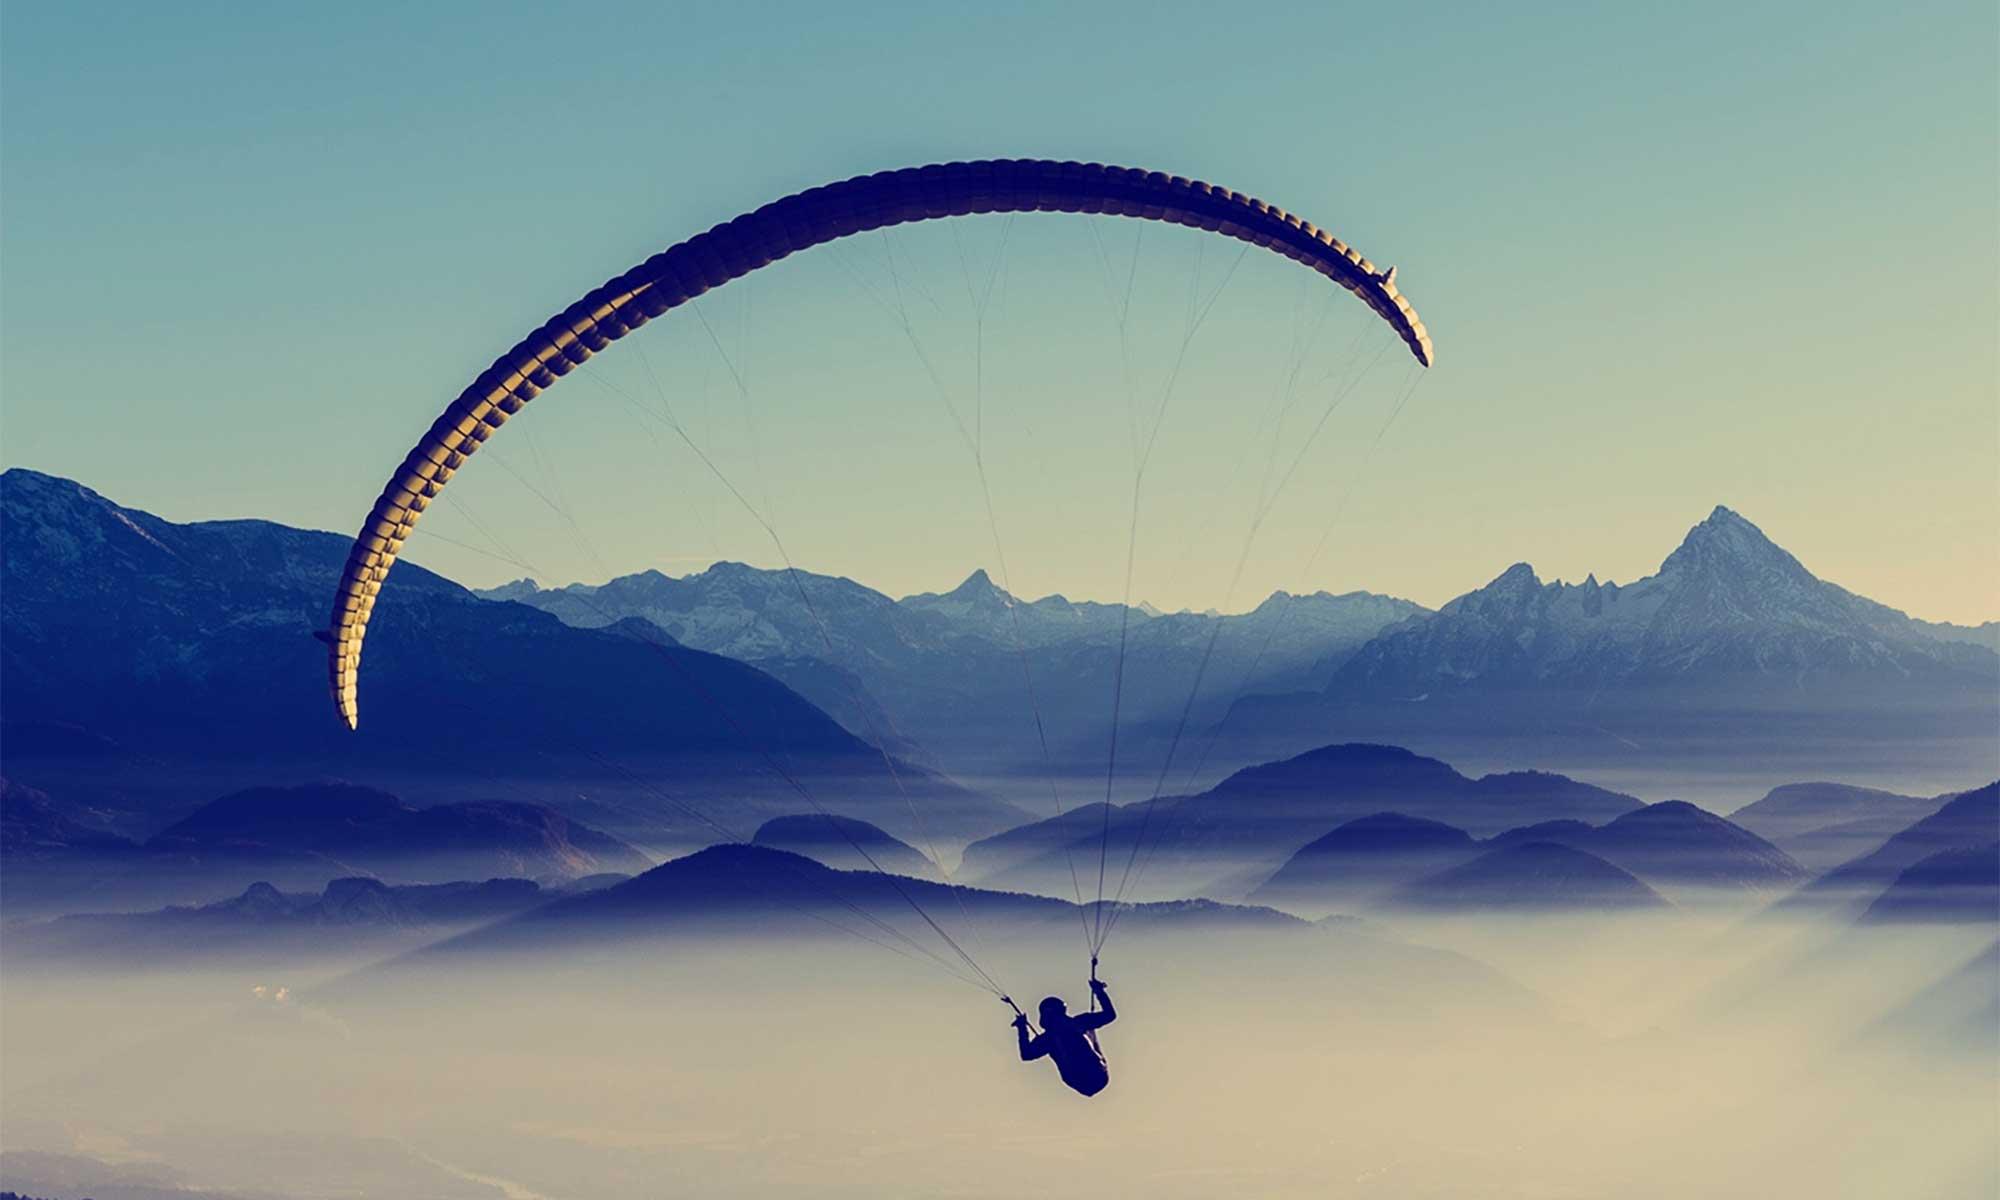 Dù Lượn - Paragliding